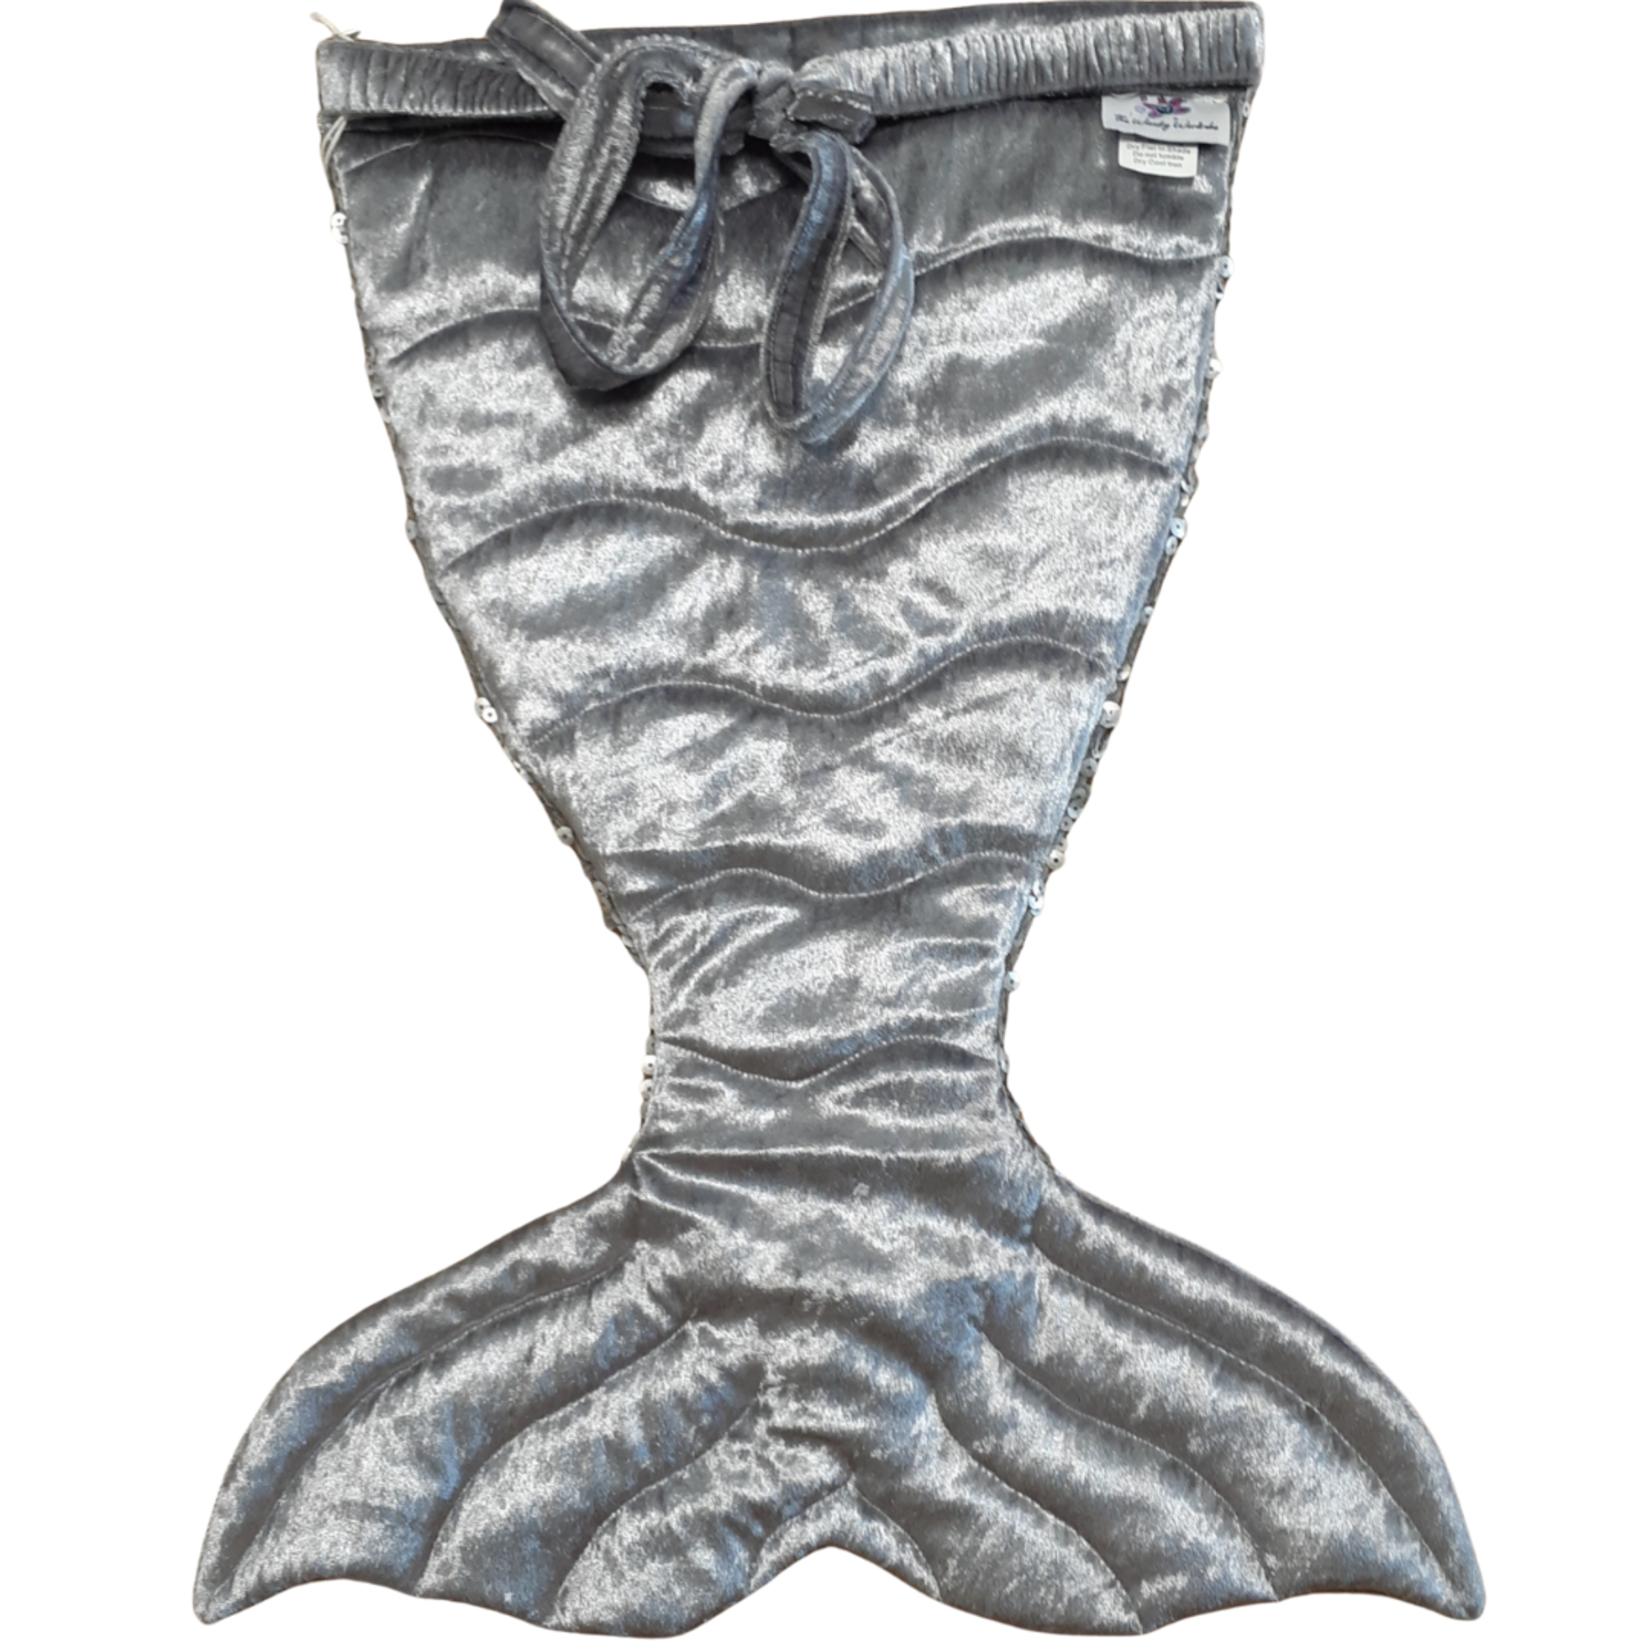 Wacky Wardrobe Wacky Wardrobe Bling Mermaid Tail Silver Medium